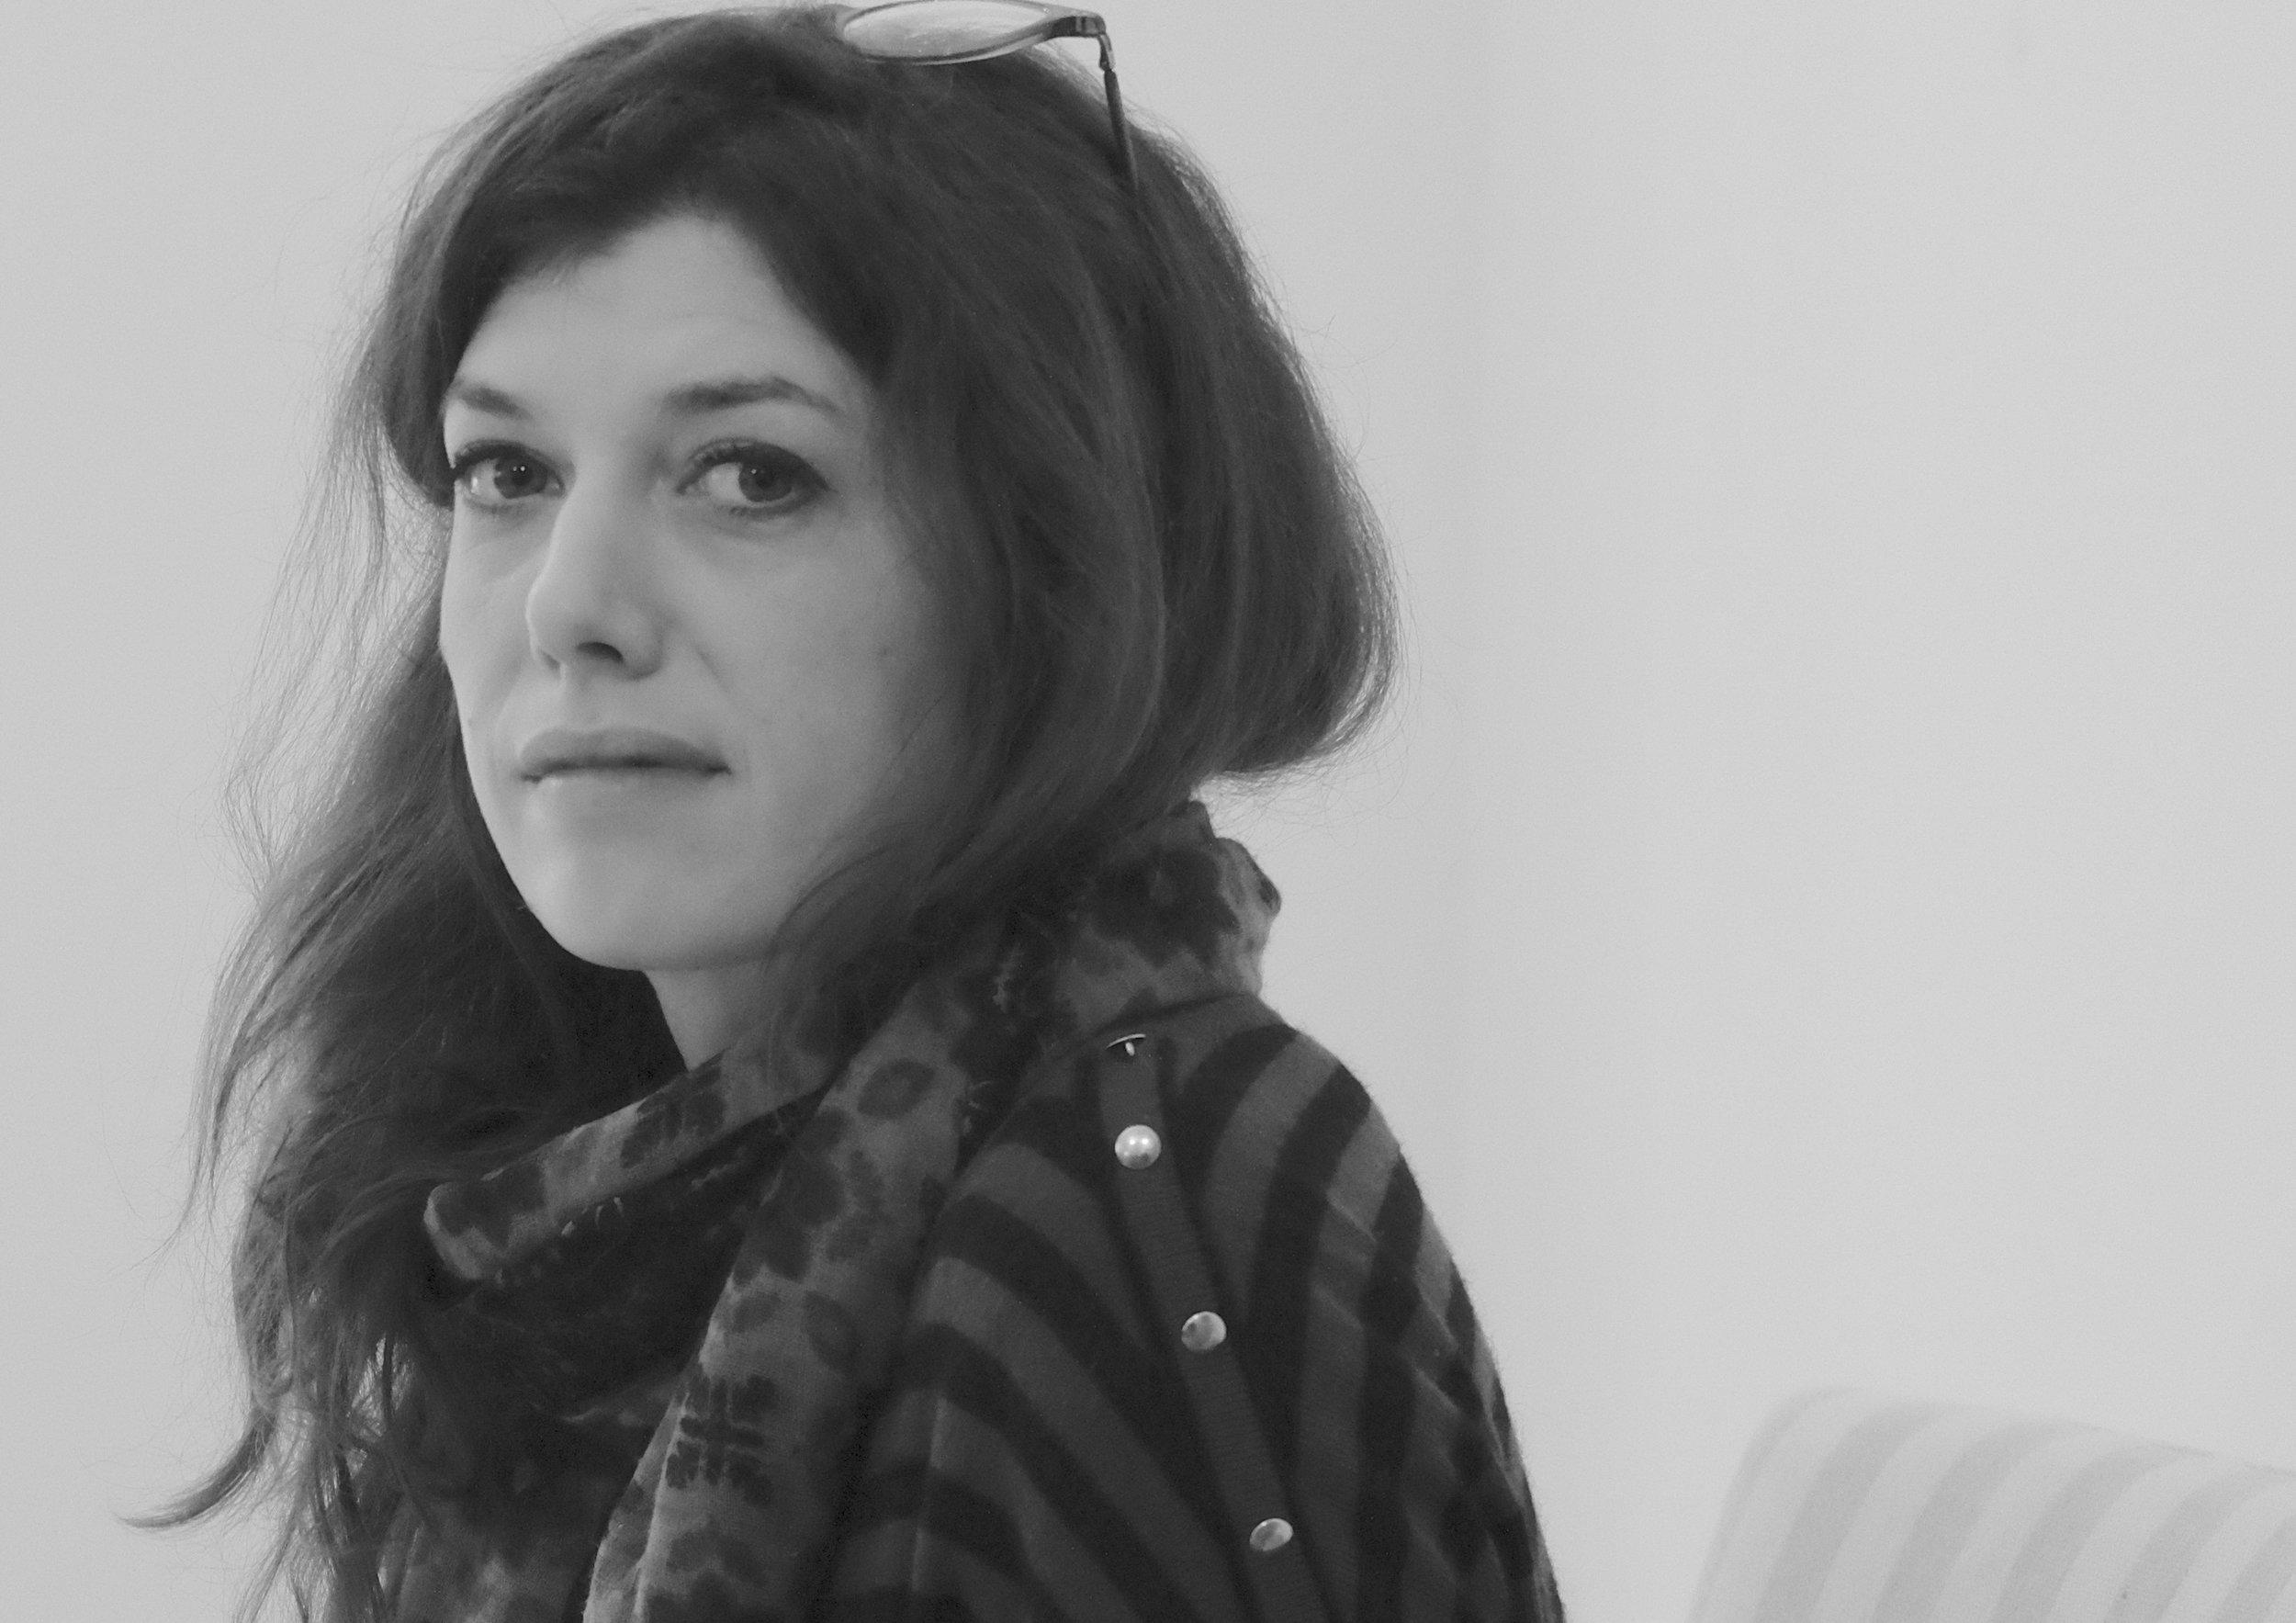 Sandra Adam Couralet - SANDRA ADAM COURALET, curatrice au Palais de Tokyo, est la dernière membre du jury de la 5ème édition du Prix Dauphine 2018 ! Elle a notamment travaillé comme commissaire d'exposition sur des projets au Musée du quai Branly - Jacques Chirac, au Centre Pompidou-Metz, ou encore à la Cristallerie Saint Louis pour la Fondation d'entreprise Hermès. En 2016, elle est commissaire associée de la Nuit Blanche !, confiée à Jean de Loisy, et commence à intervenir la même année dans l'émission La Dispute sur France Culture.